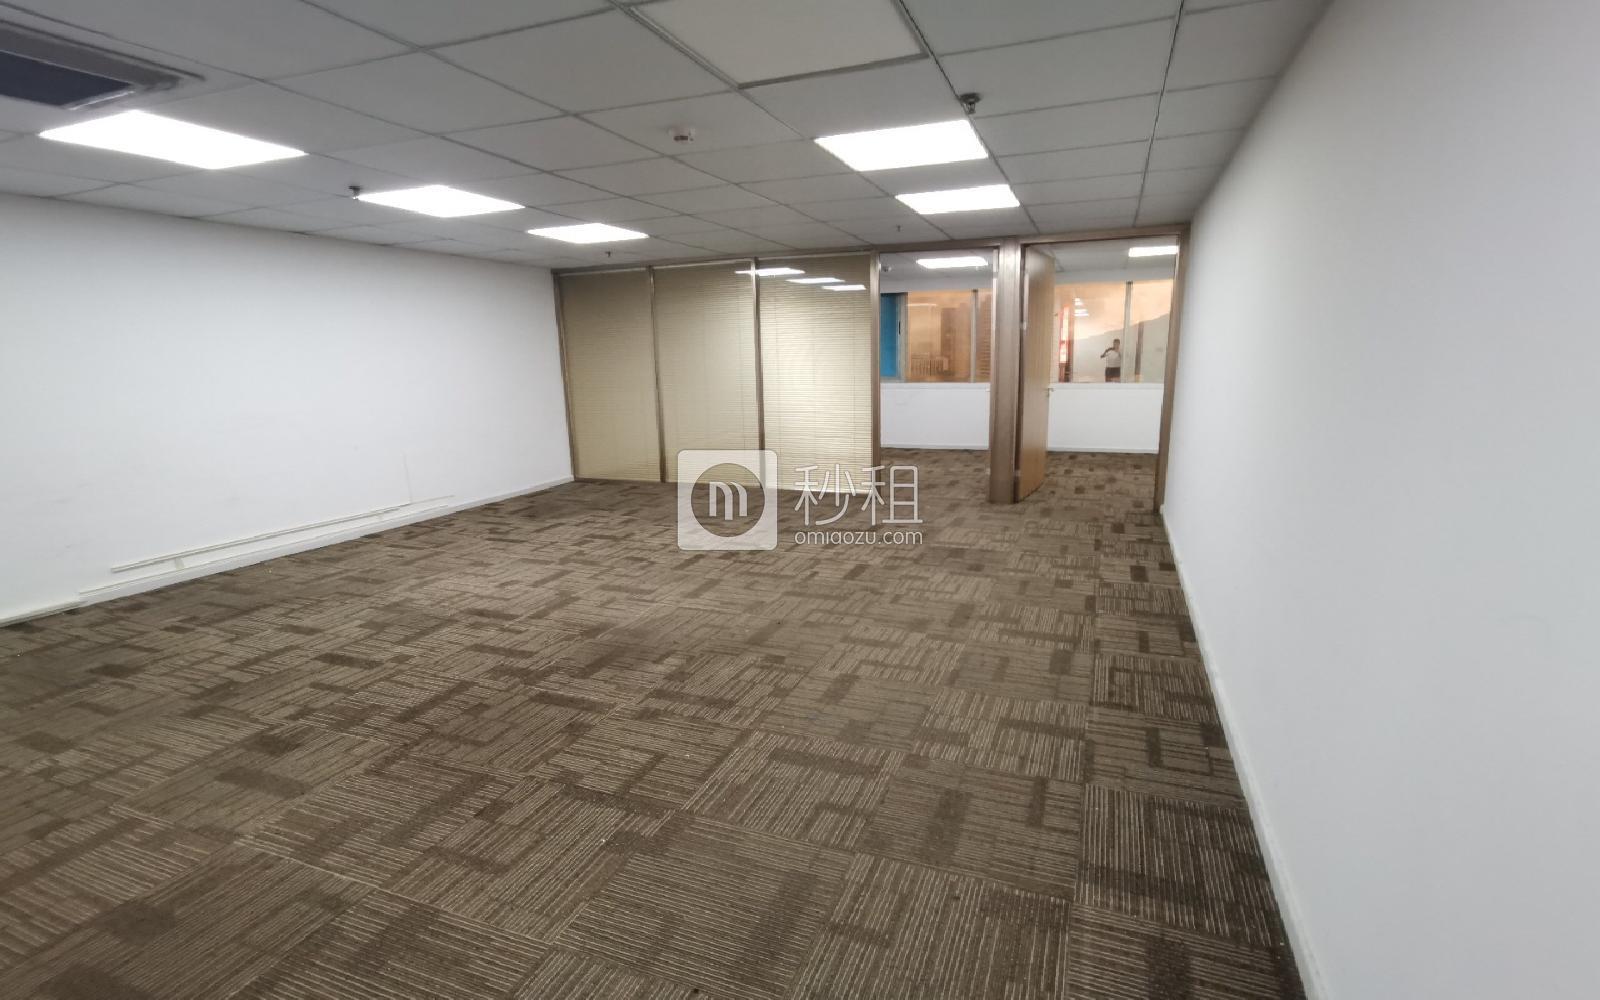 罗湖-人民南 太平洋商贸大厦 136.21m²